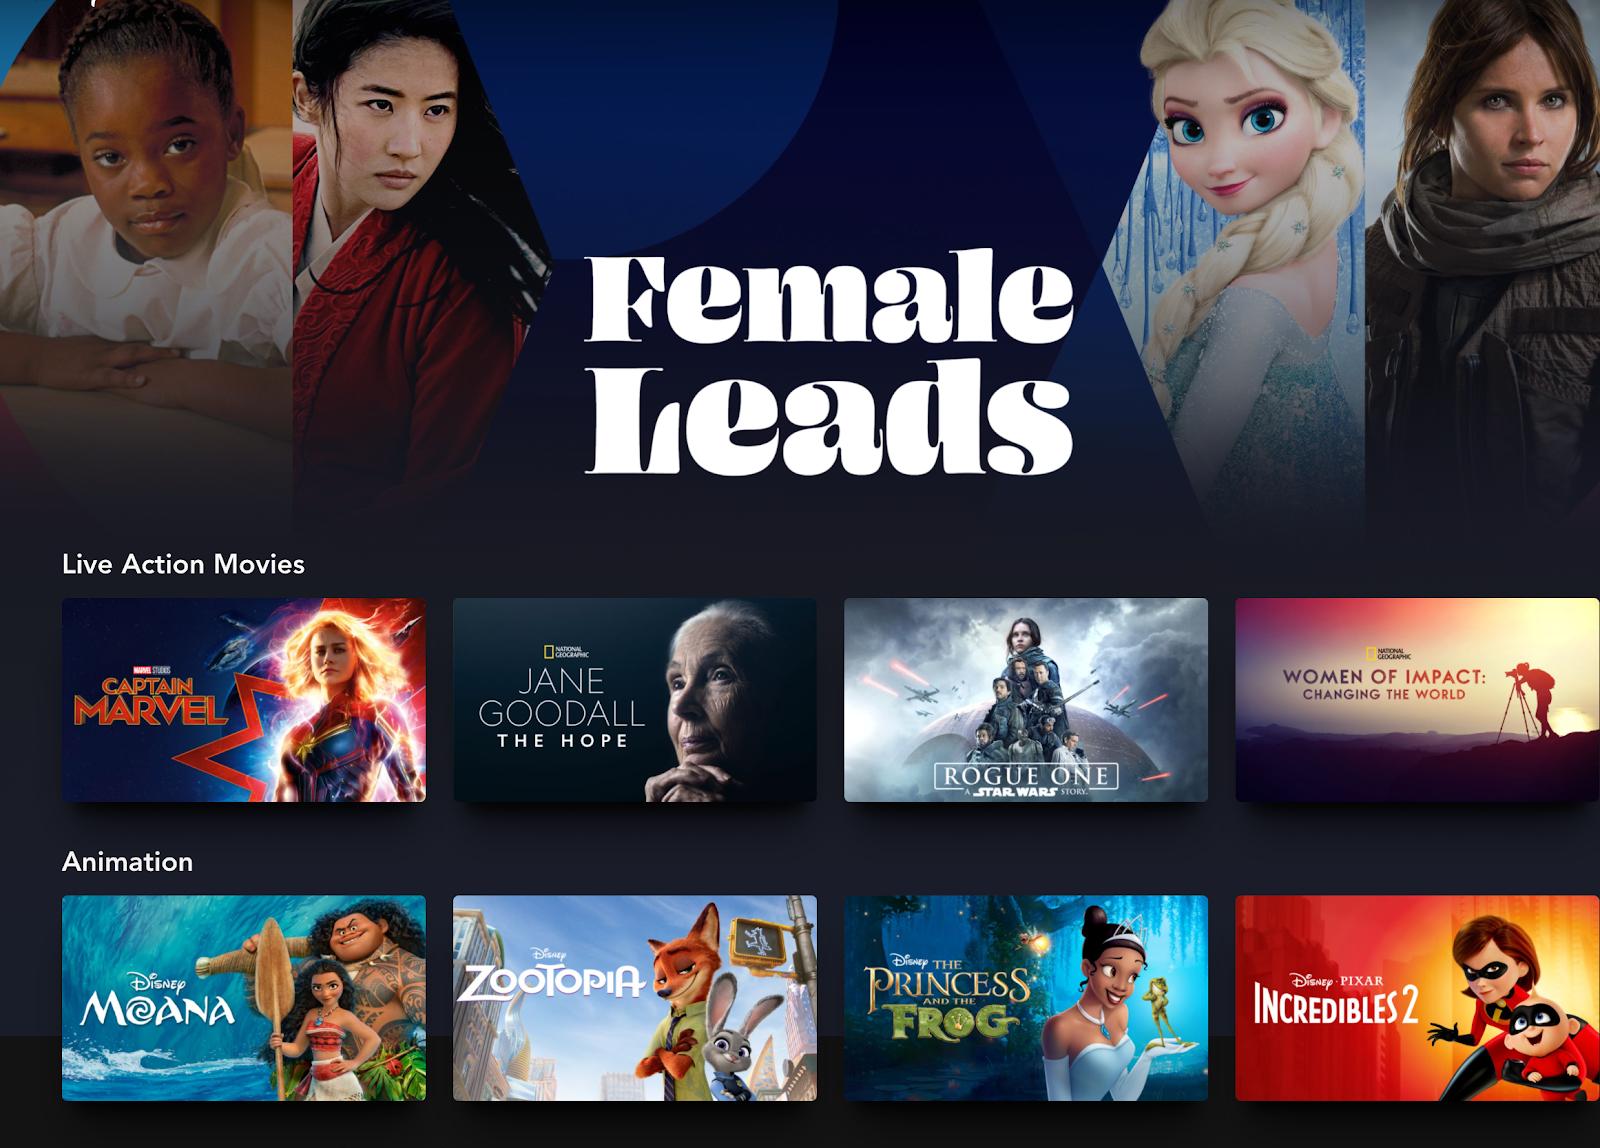 Disney Plus Womans History e1615247185332